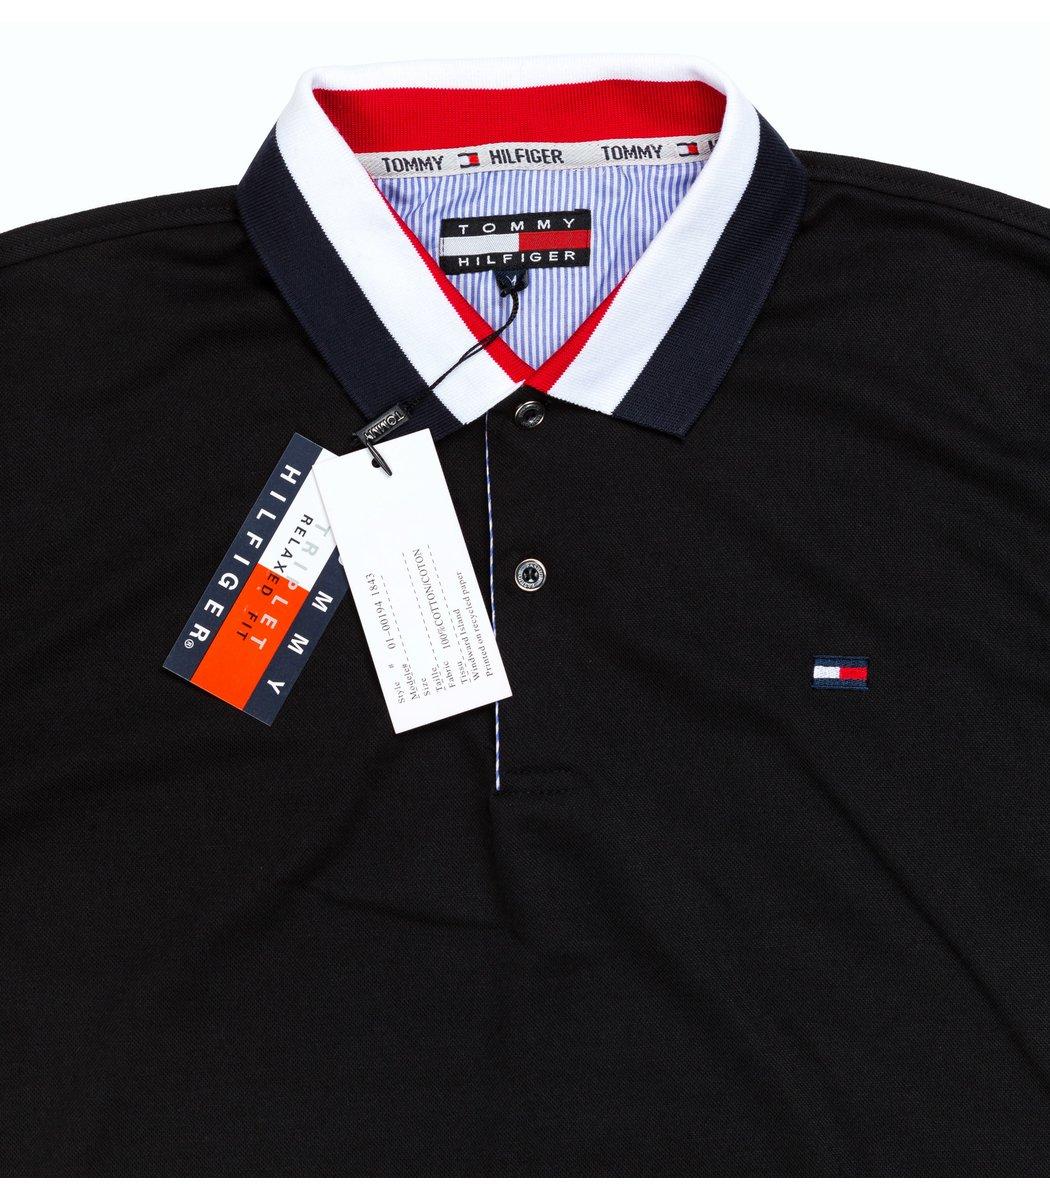 Мужская черная футболка поло Tommy Hilfiger - черный - Вид 4